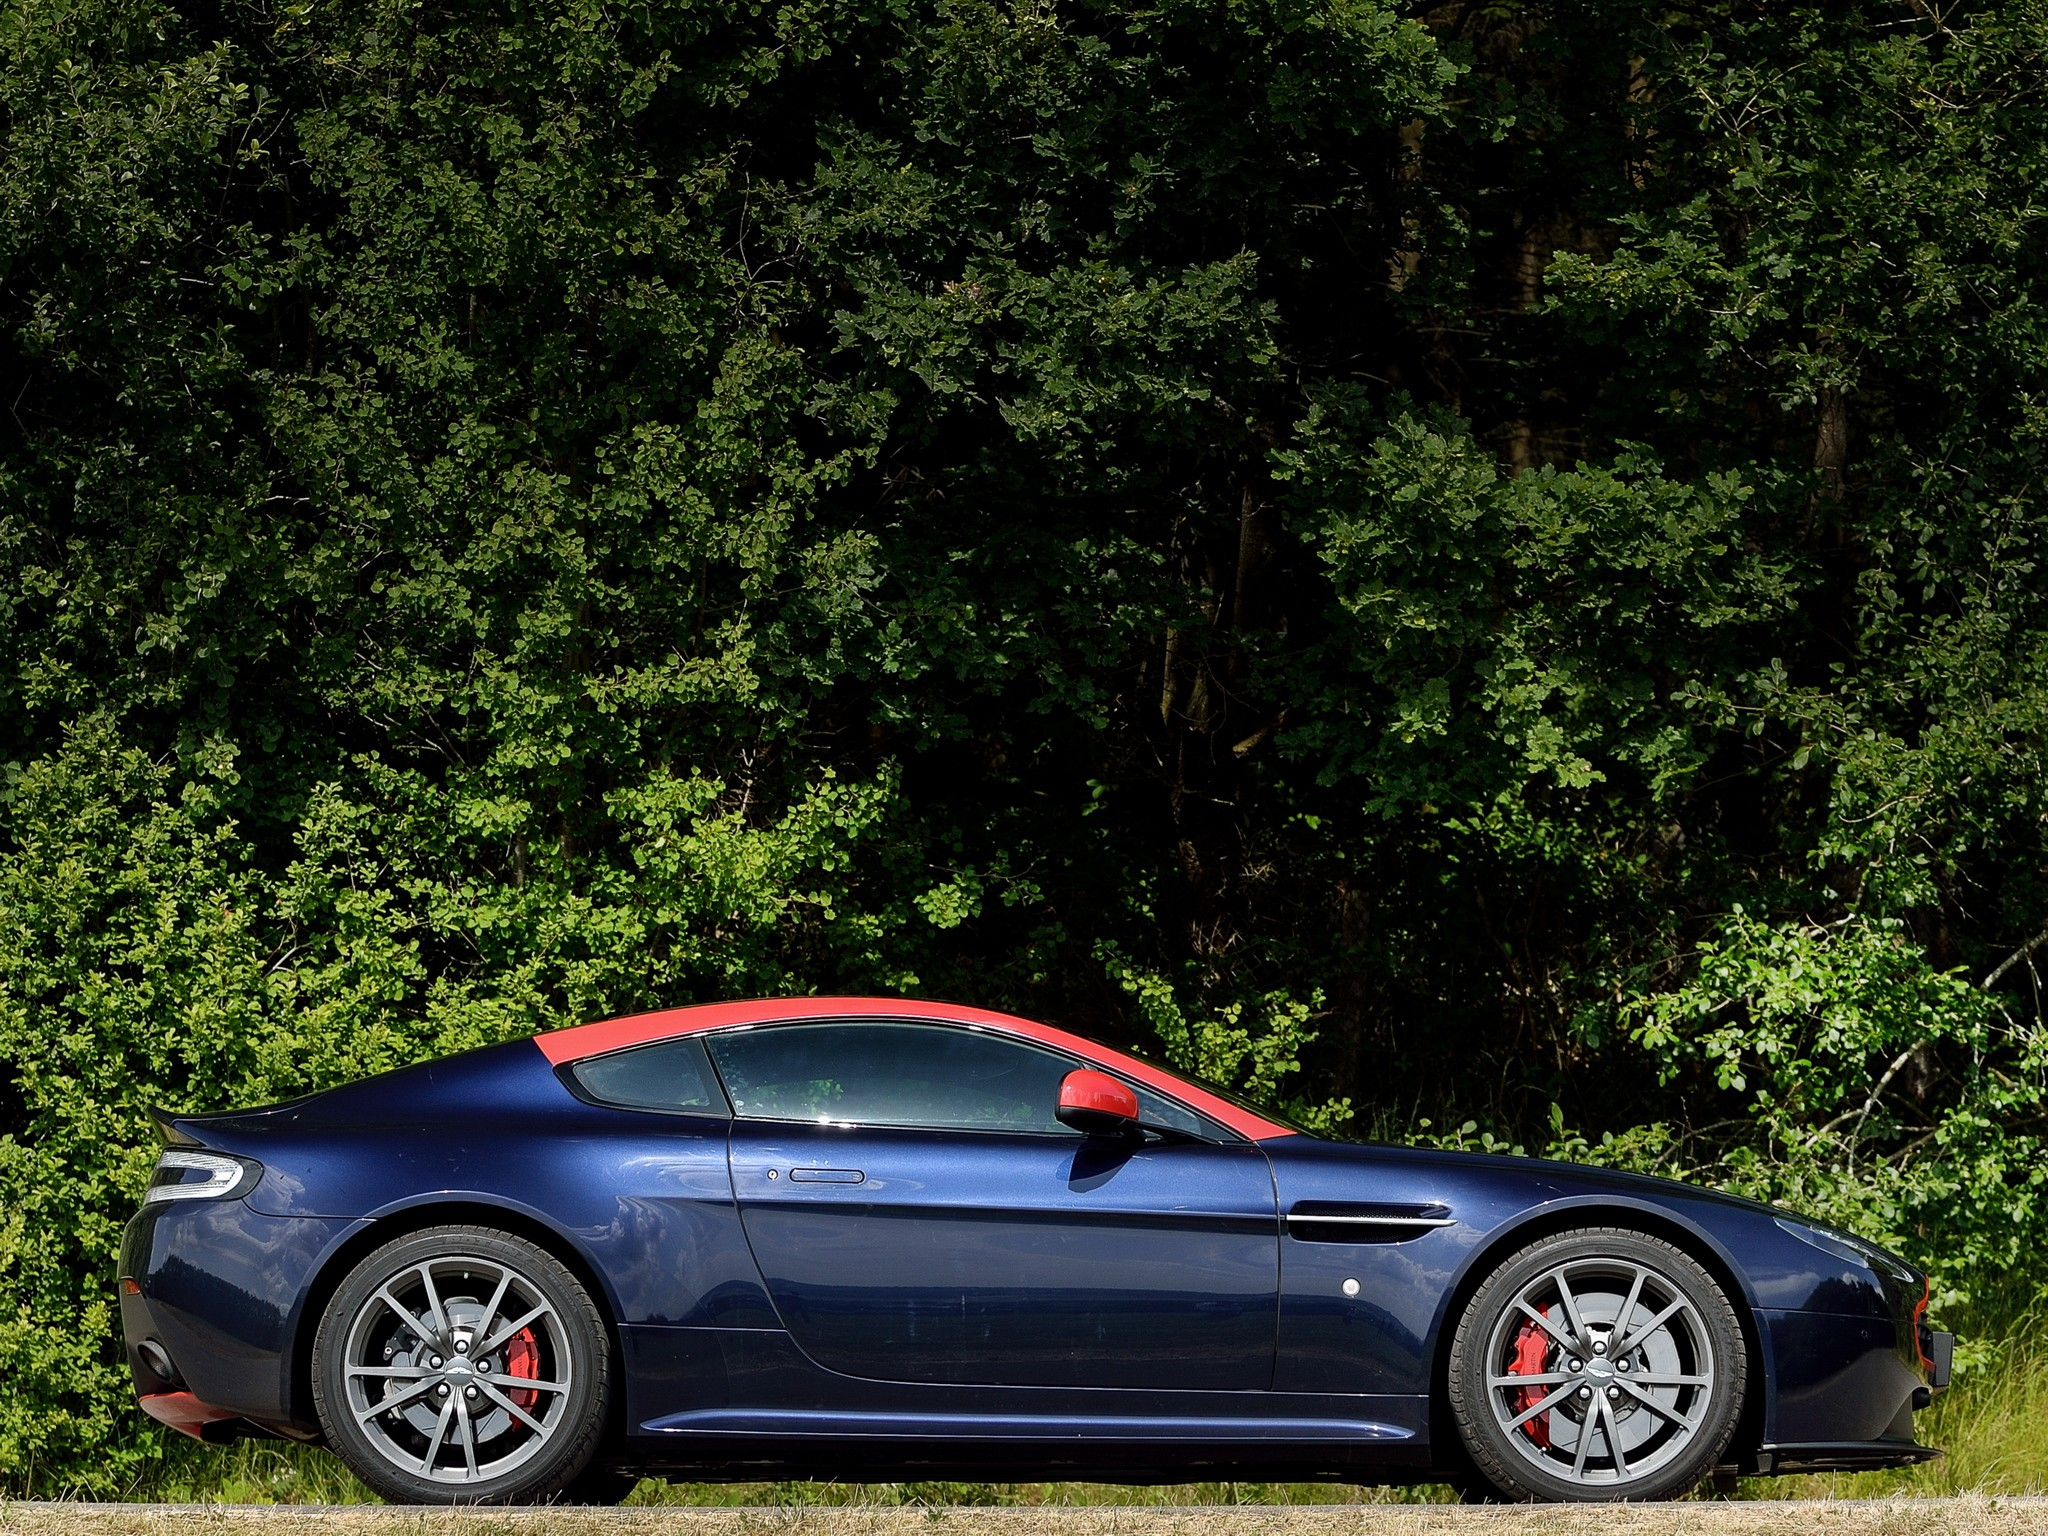 Aston Martin V8 Vantage N420 Spezifikationen Fotos 2010 2011 2012 2013 2014 Autoevolution In Deutscher Sprache